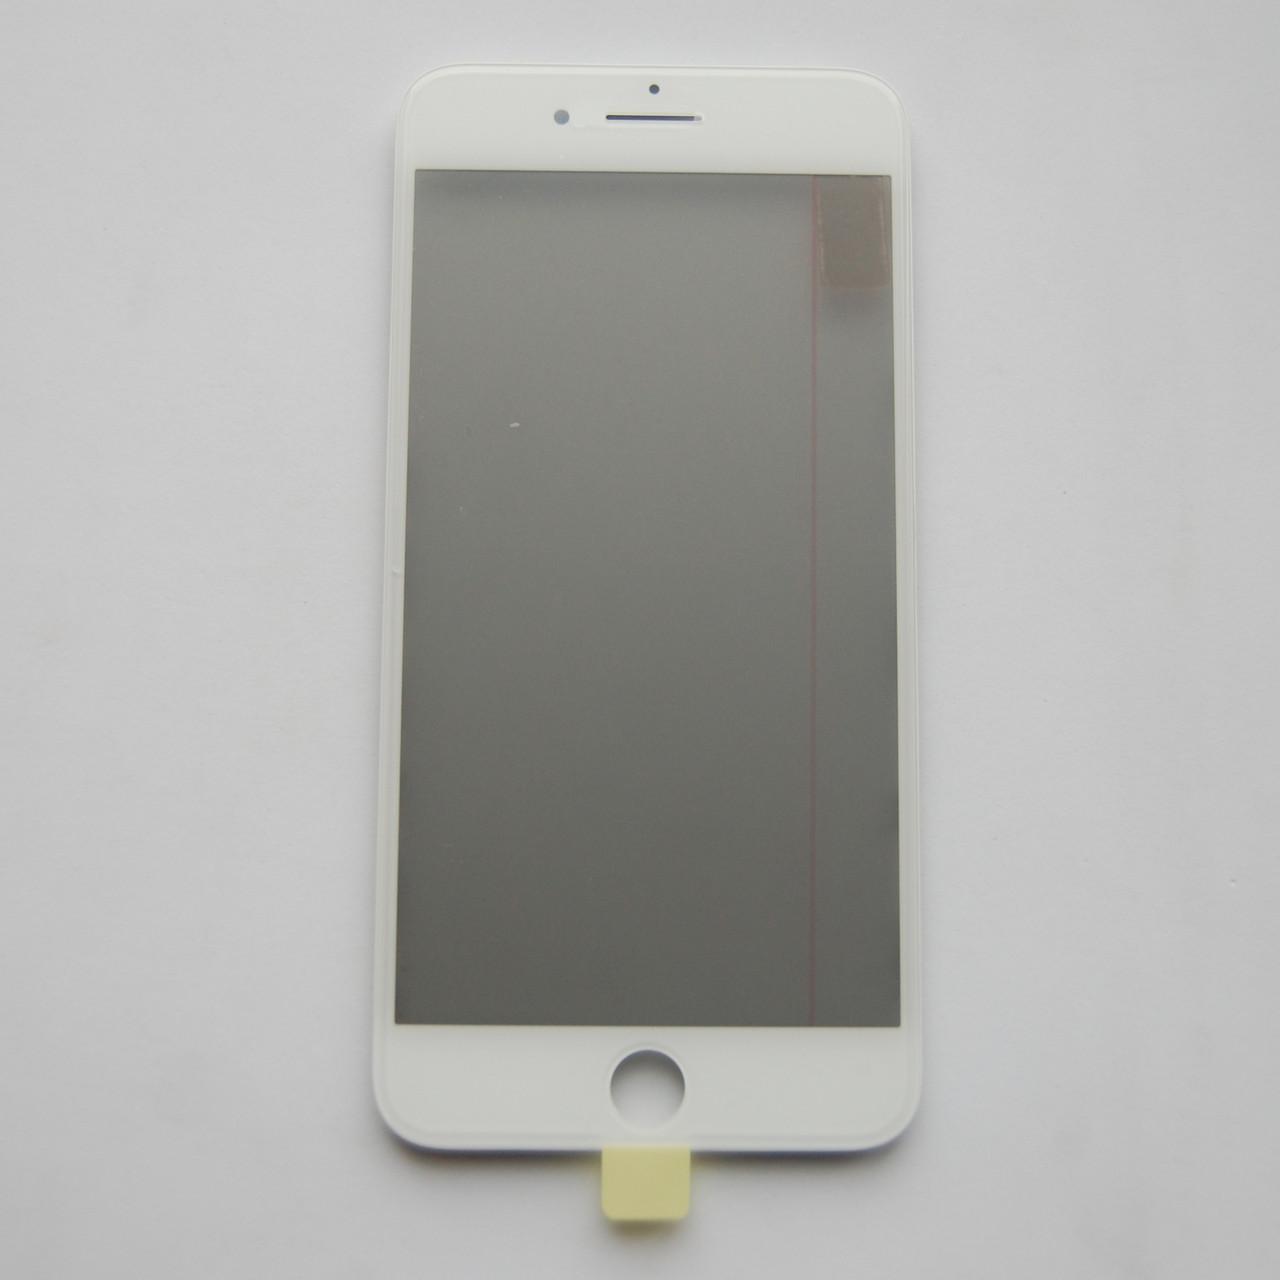 Стекло корпуса для Apple iPhone 7 Plus с рамкой,OCA пленкой,поляризационной пленкой, белое